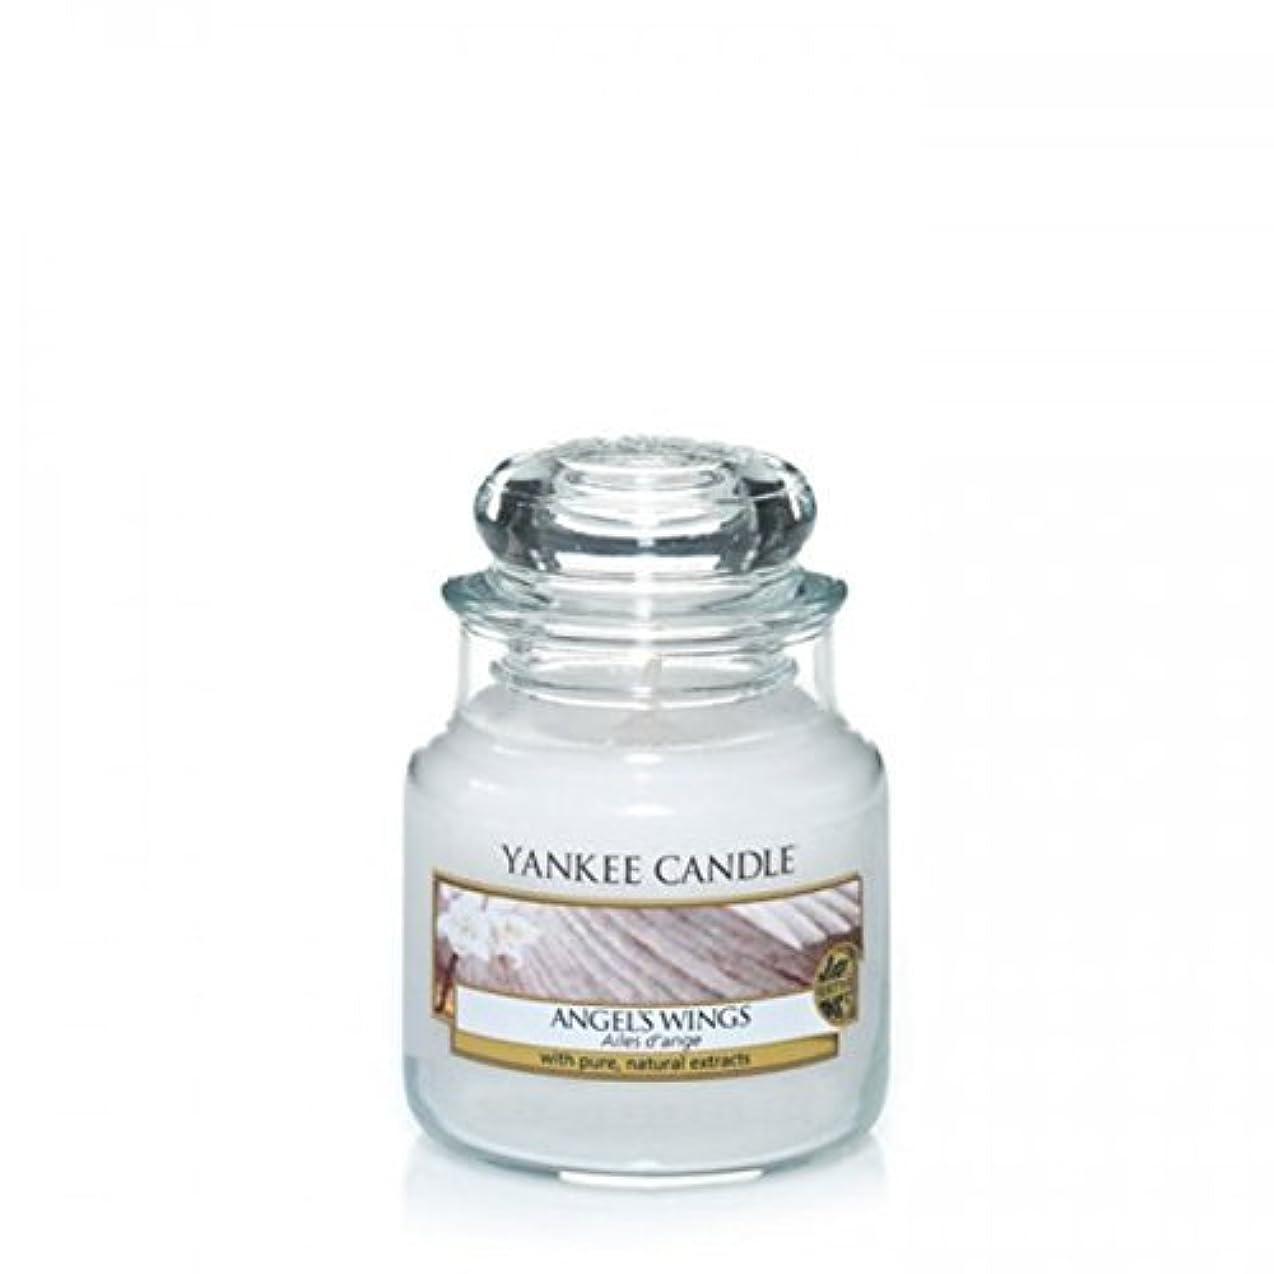 部分的に悔い改め発送Yankee Candle Angels Wings Jar 3.7Oz by Yankee Candle [並行輸入品]